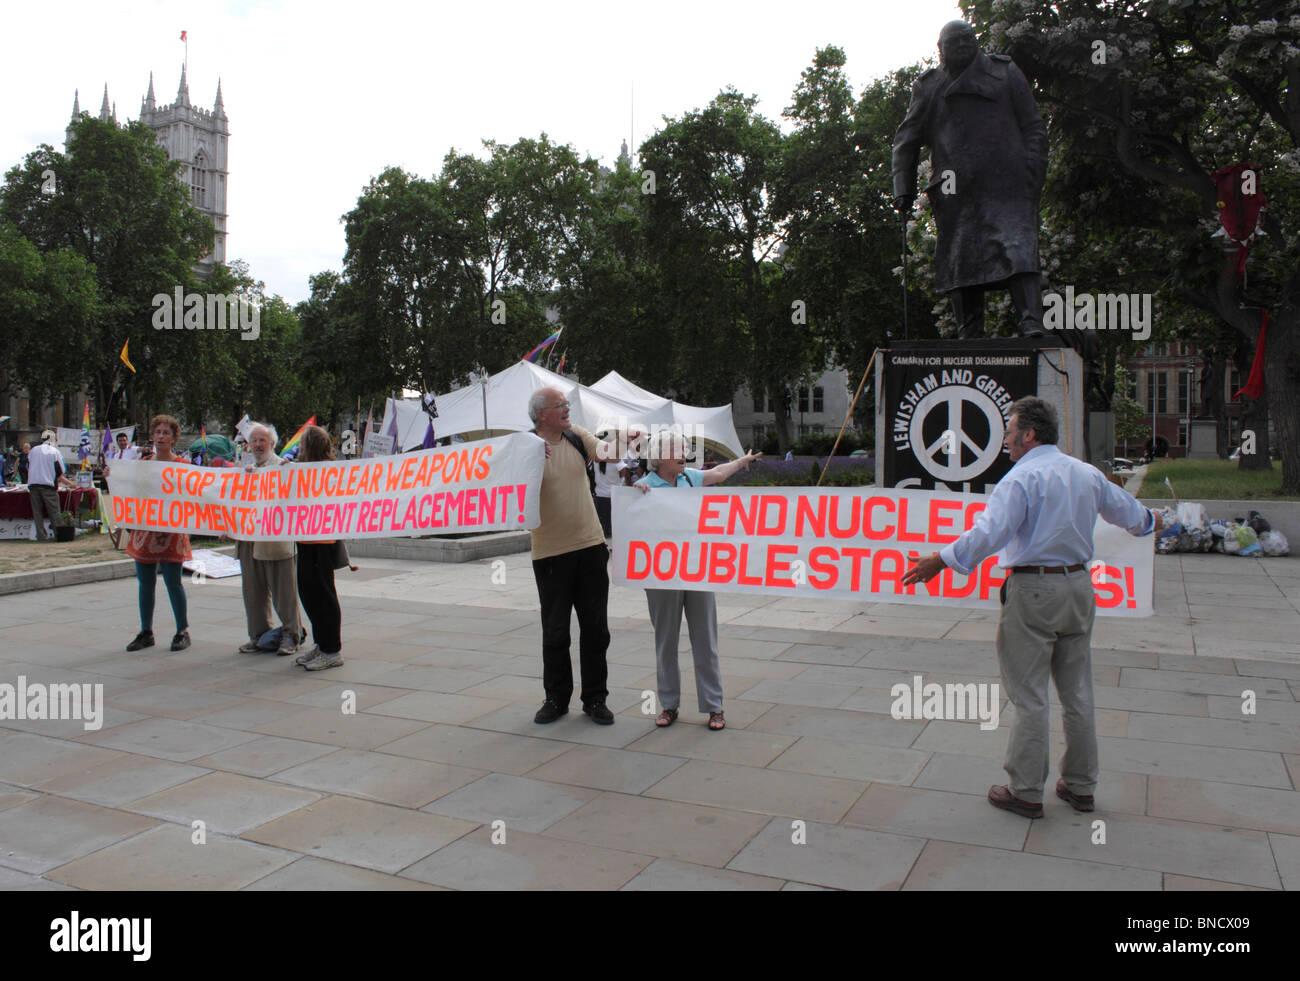 CND banner presso il villaggio di democrazia Accampamento della Pace Westminster London 6 Luglio 2010 Immagini Stock